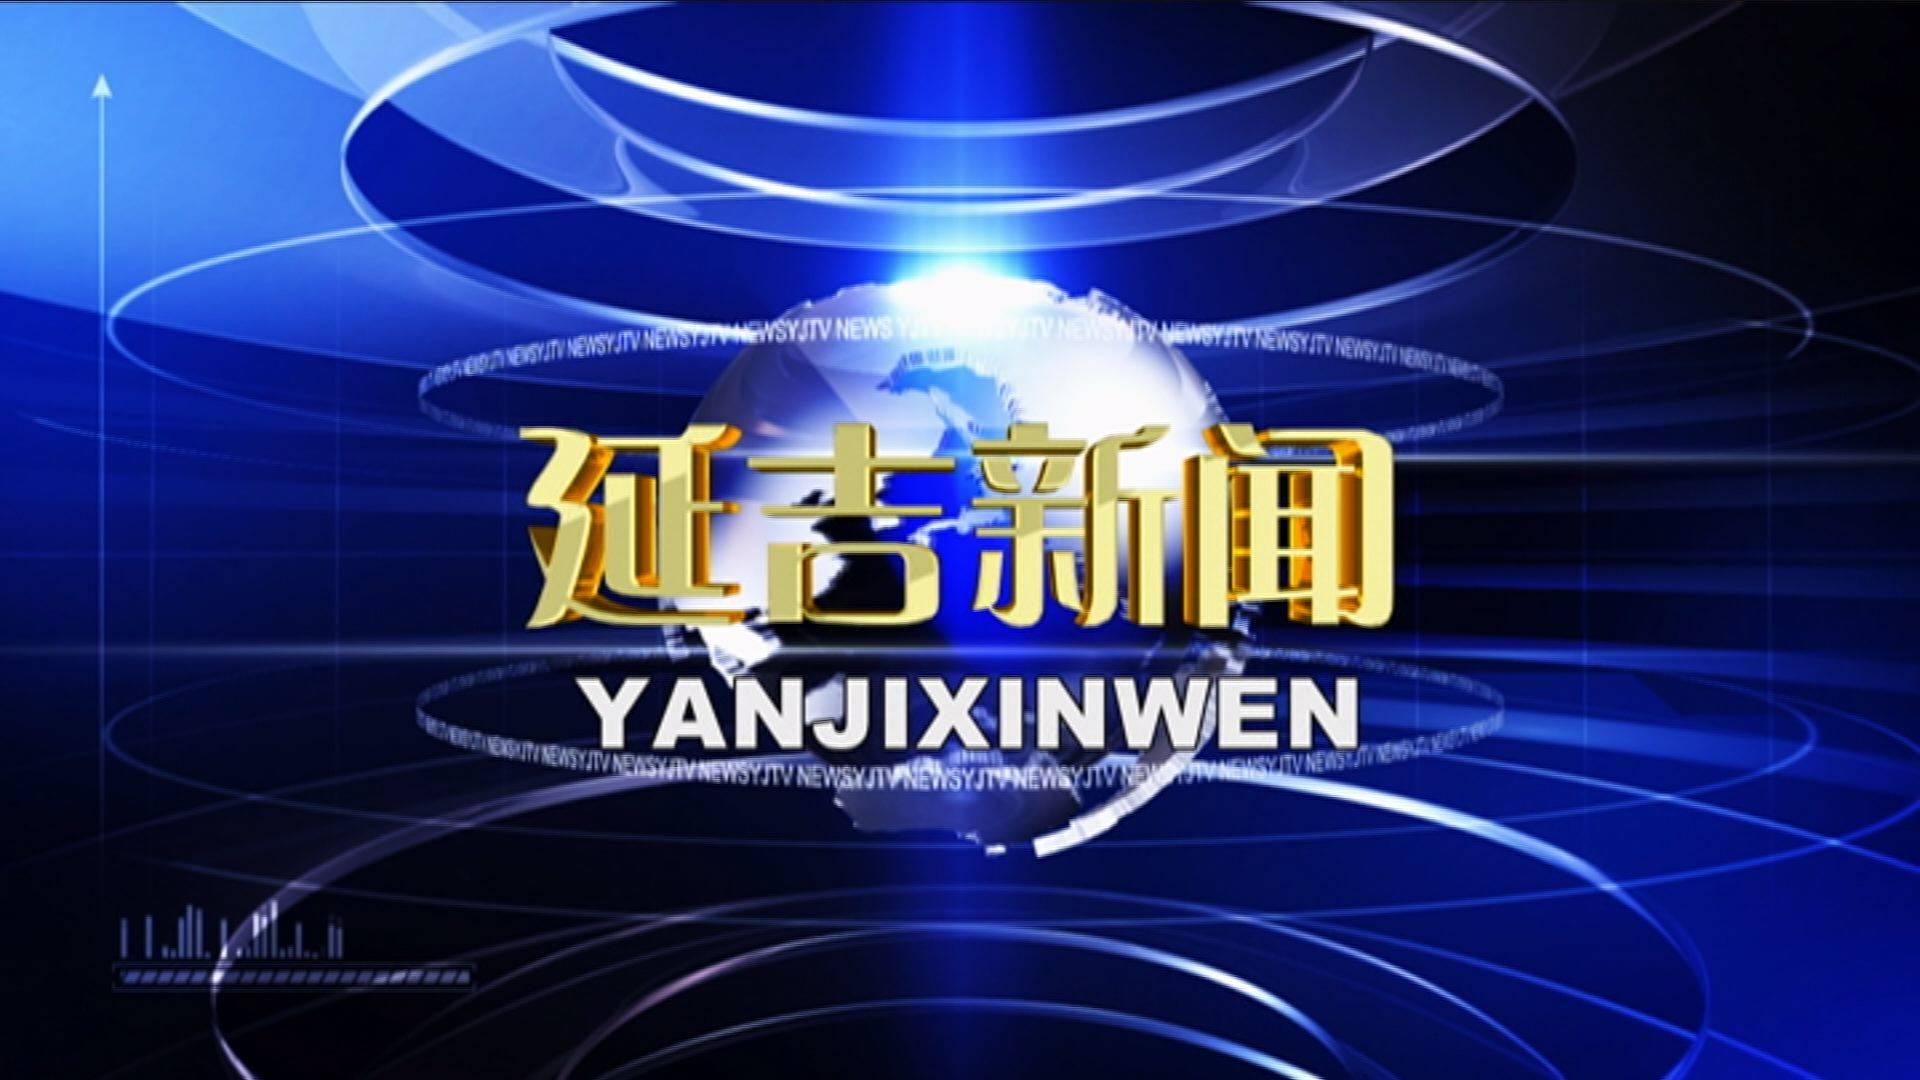 2020. 11. 13 延吉新闻